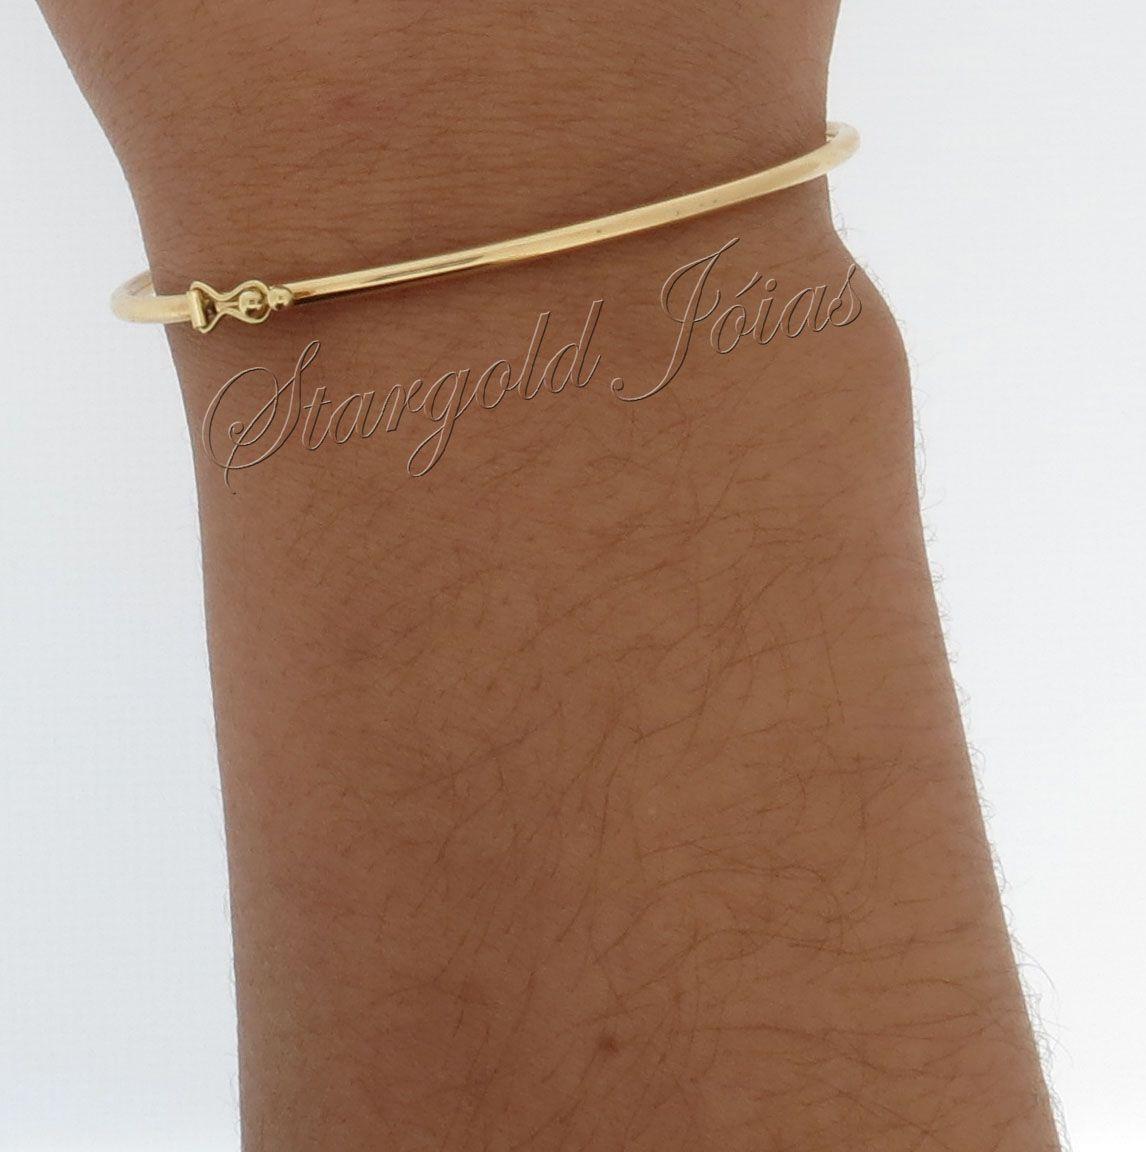 Bracelete com Trava de Segurança Fio Redondo Ouro 18k